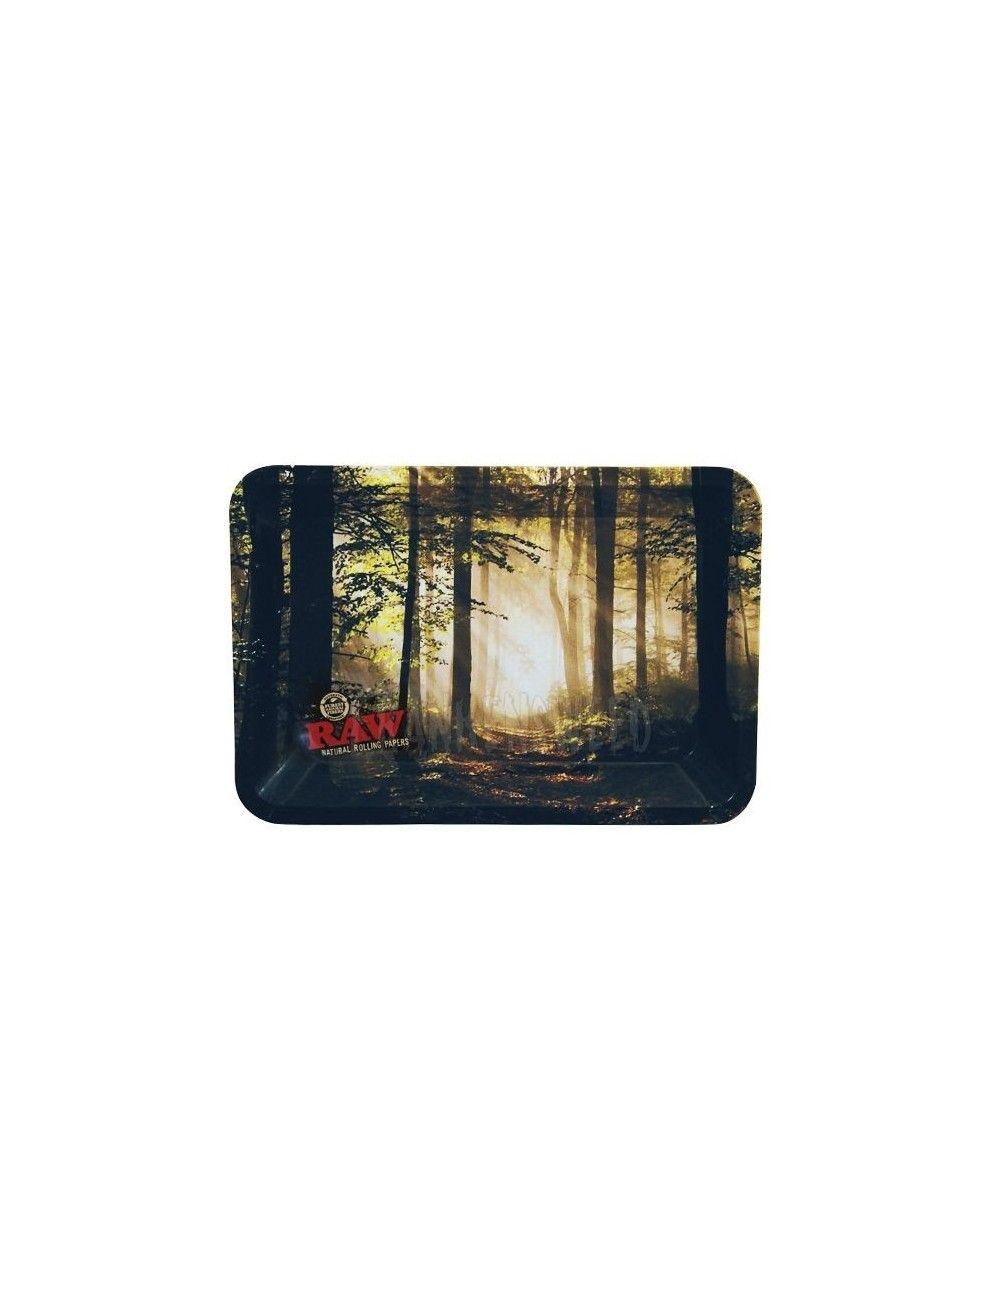 Bandeja RAW FOREST Mini